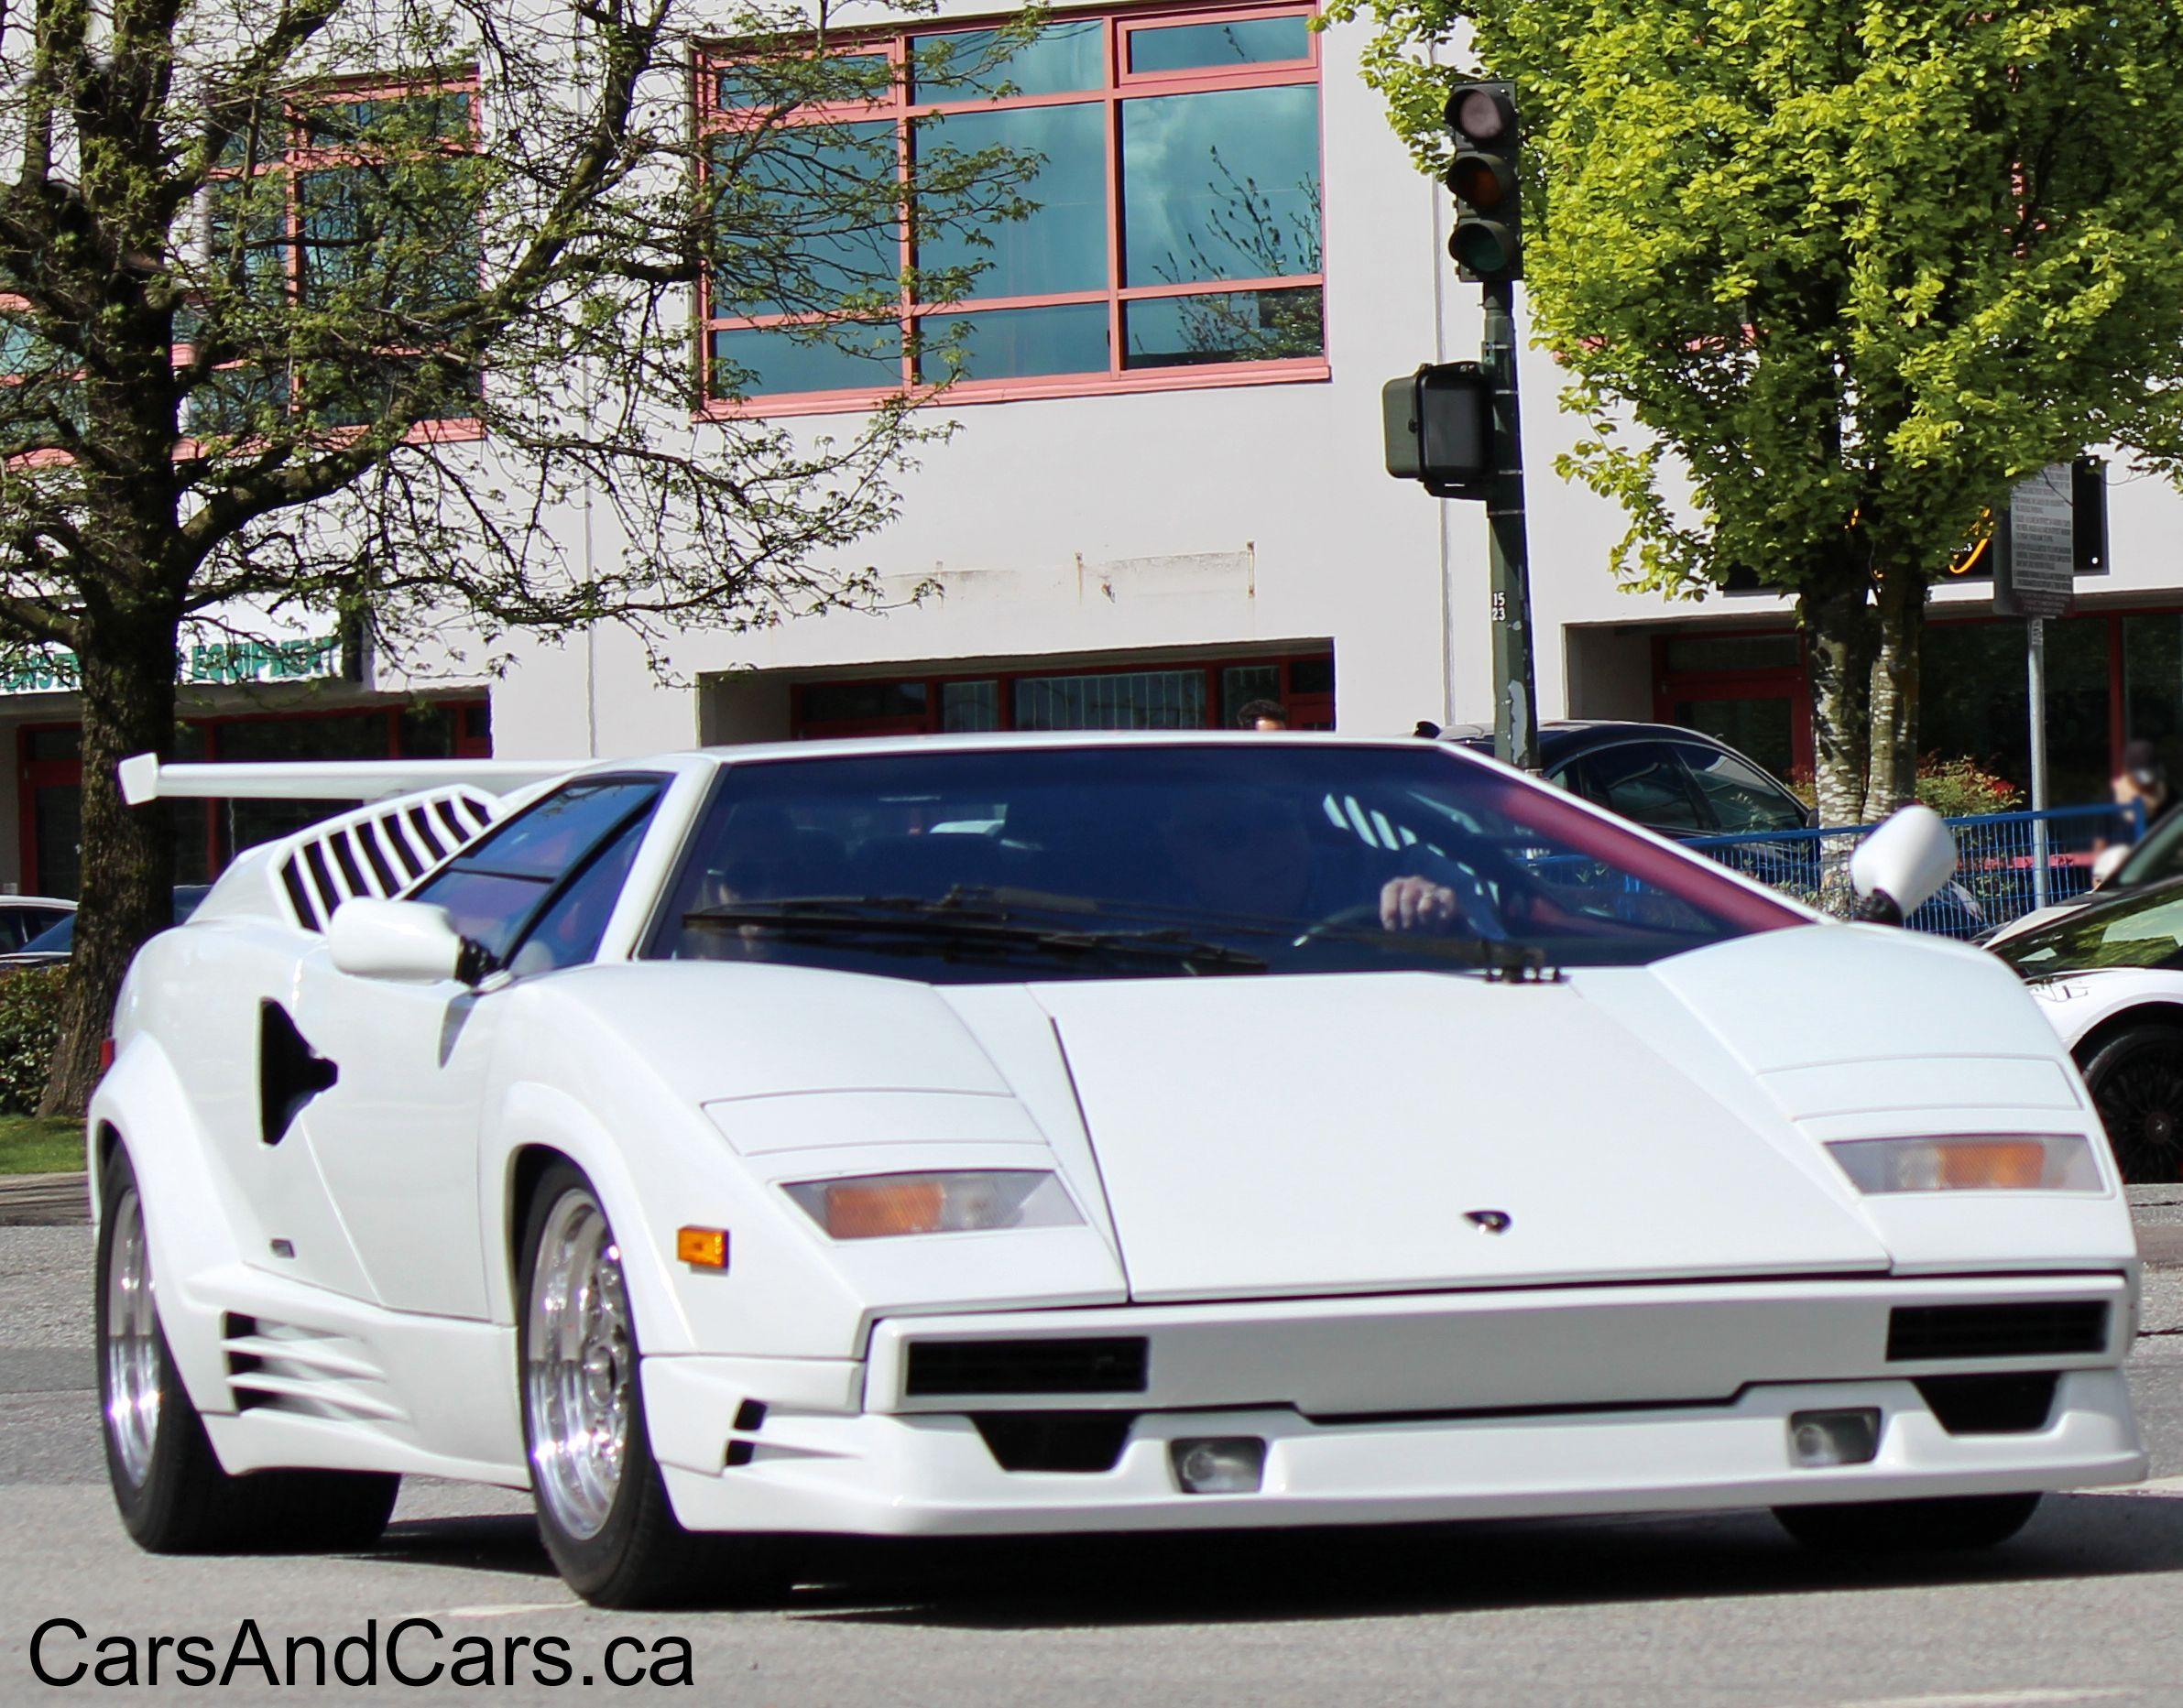 Timeless Classic Lamborghini Countach Sportcar Supercar Canada